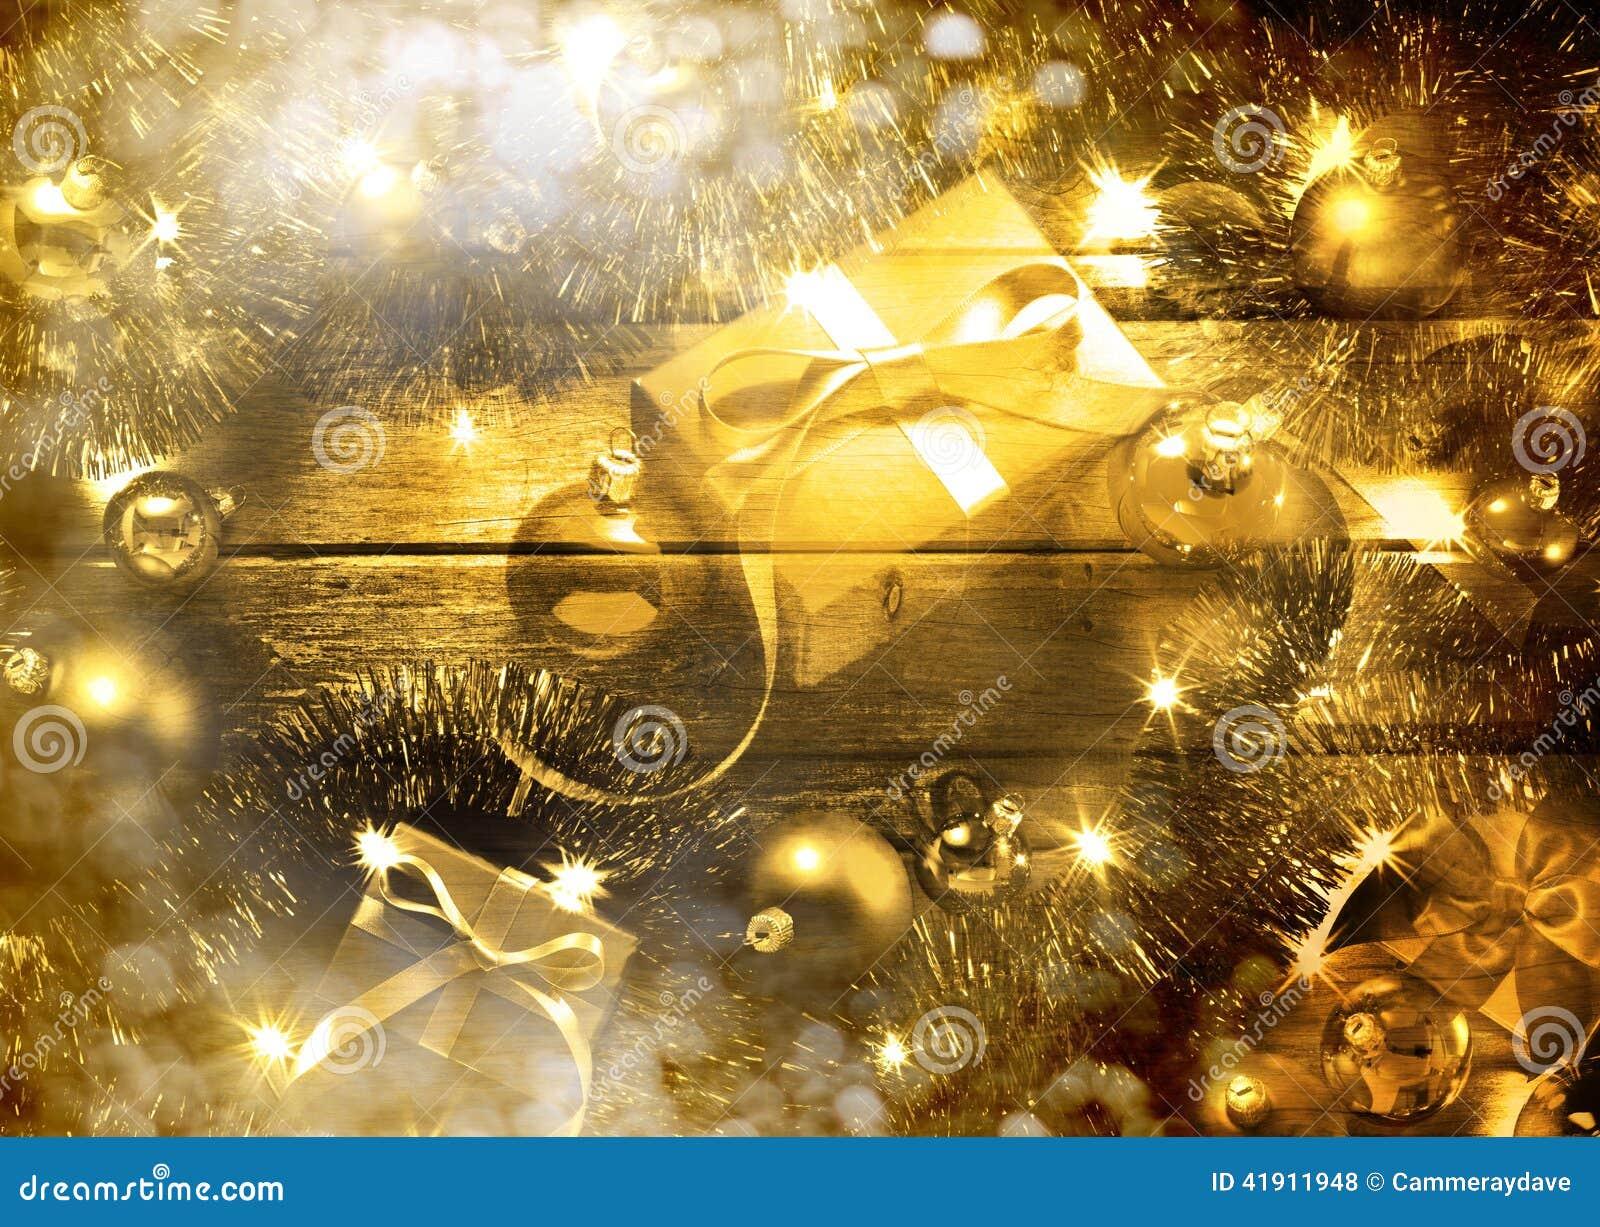 Goldweihnachtsszene